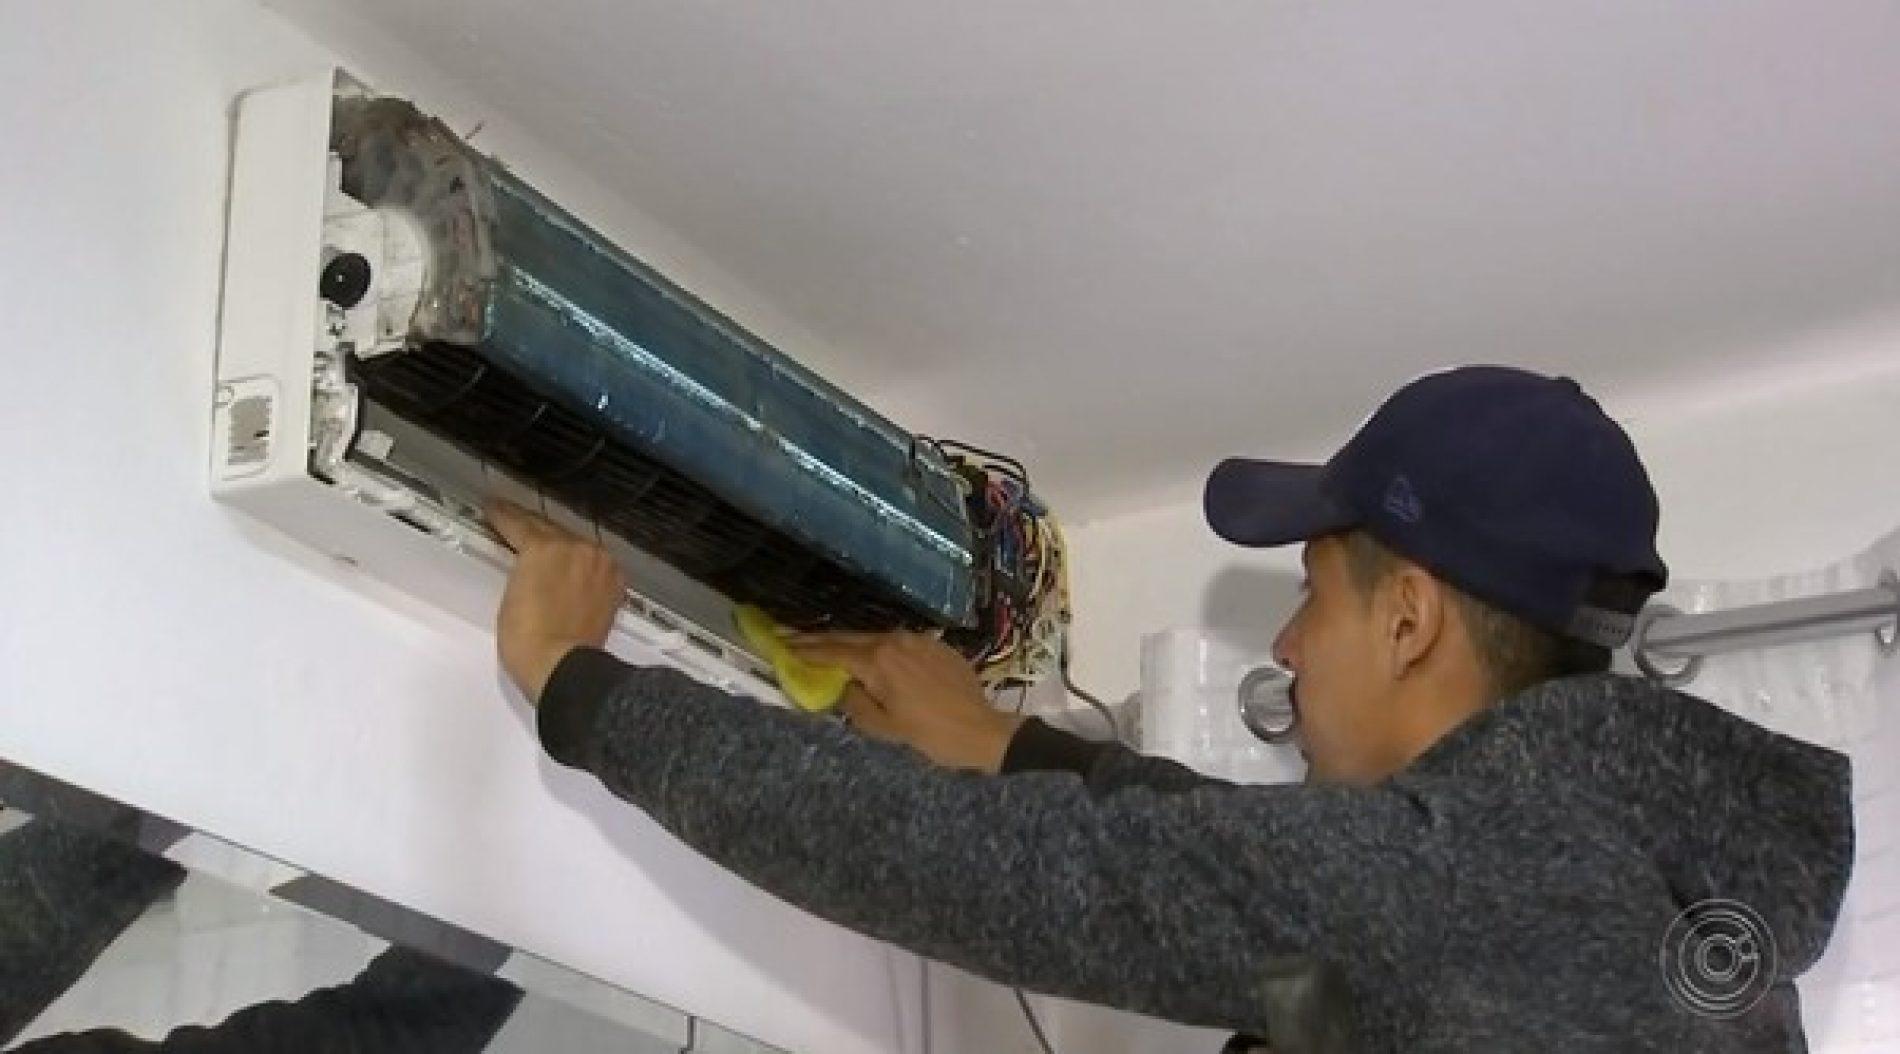 SAÚDE: Especialistas recomendam manutenção de ar-condicionado para evitar doenças respiratórias